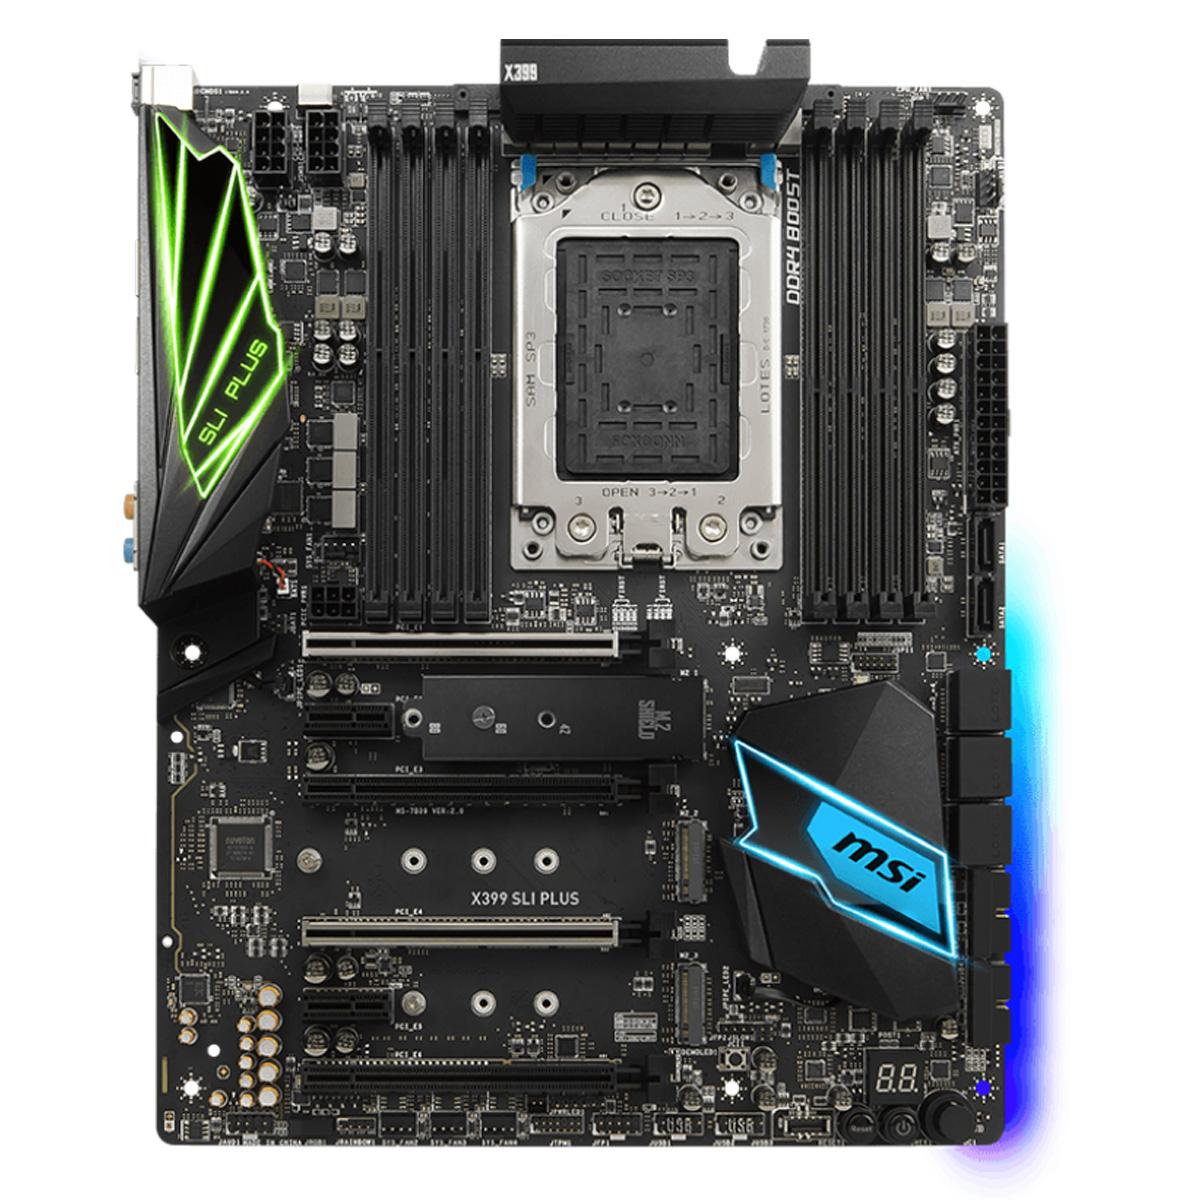 MSI X399 SLI PLUS: Optimized For Professionals